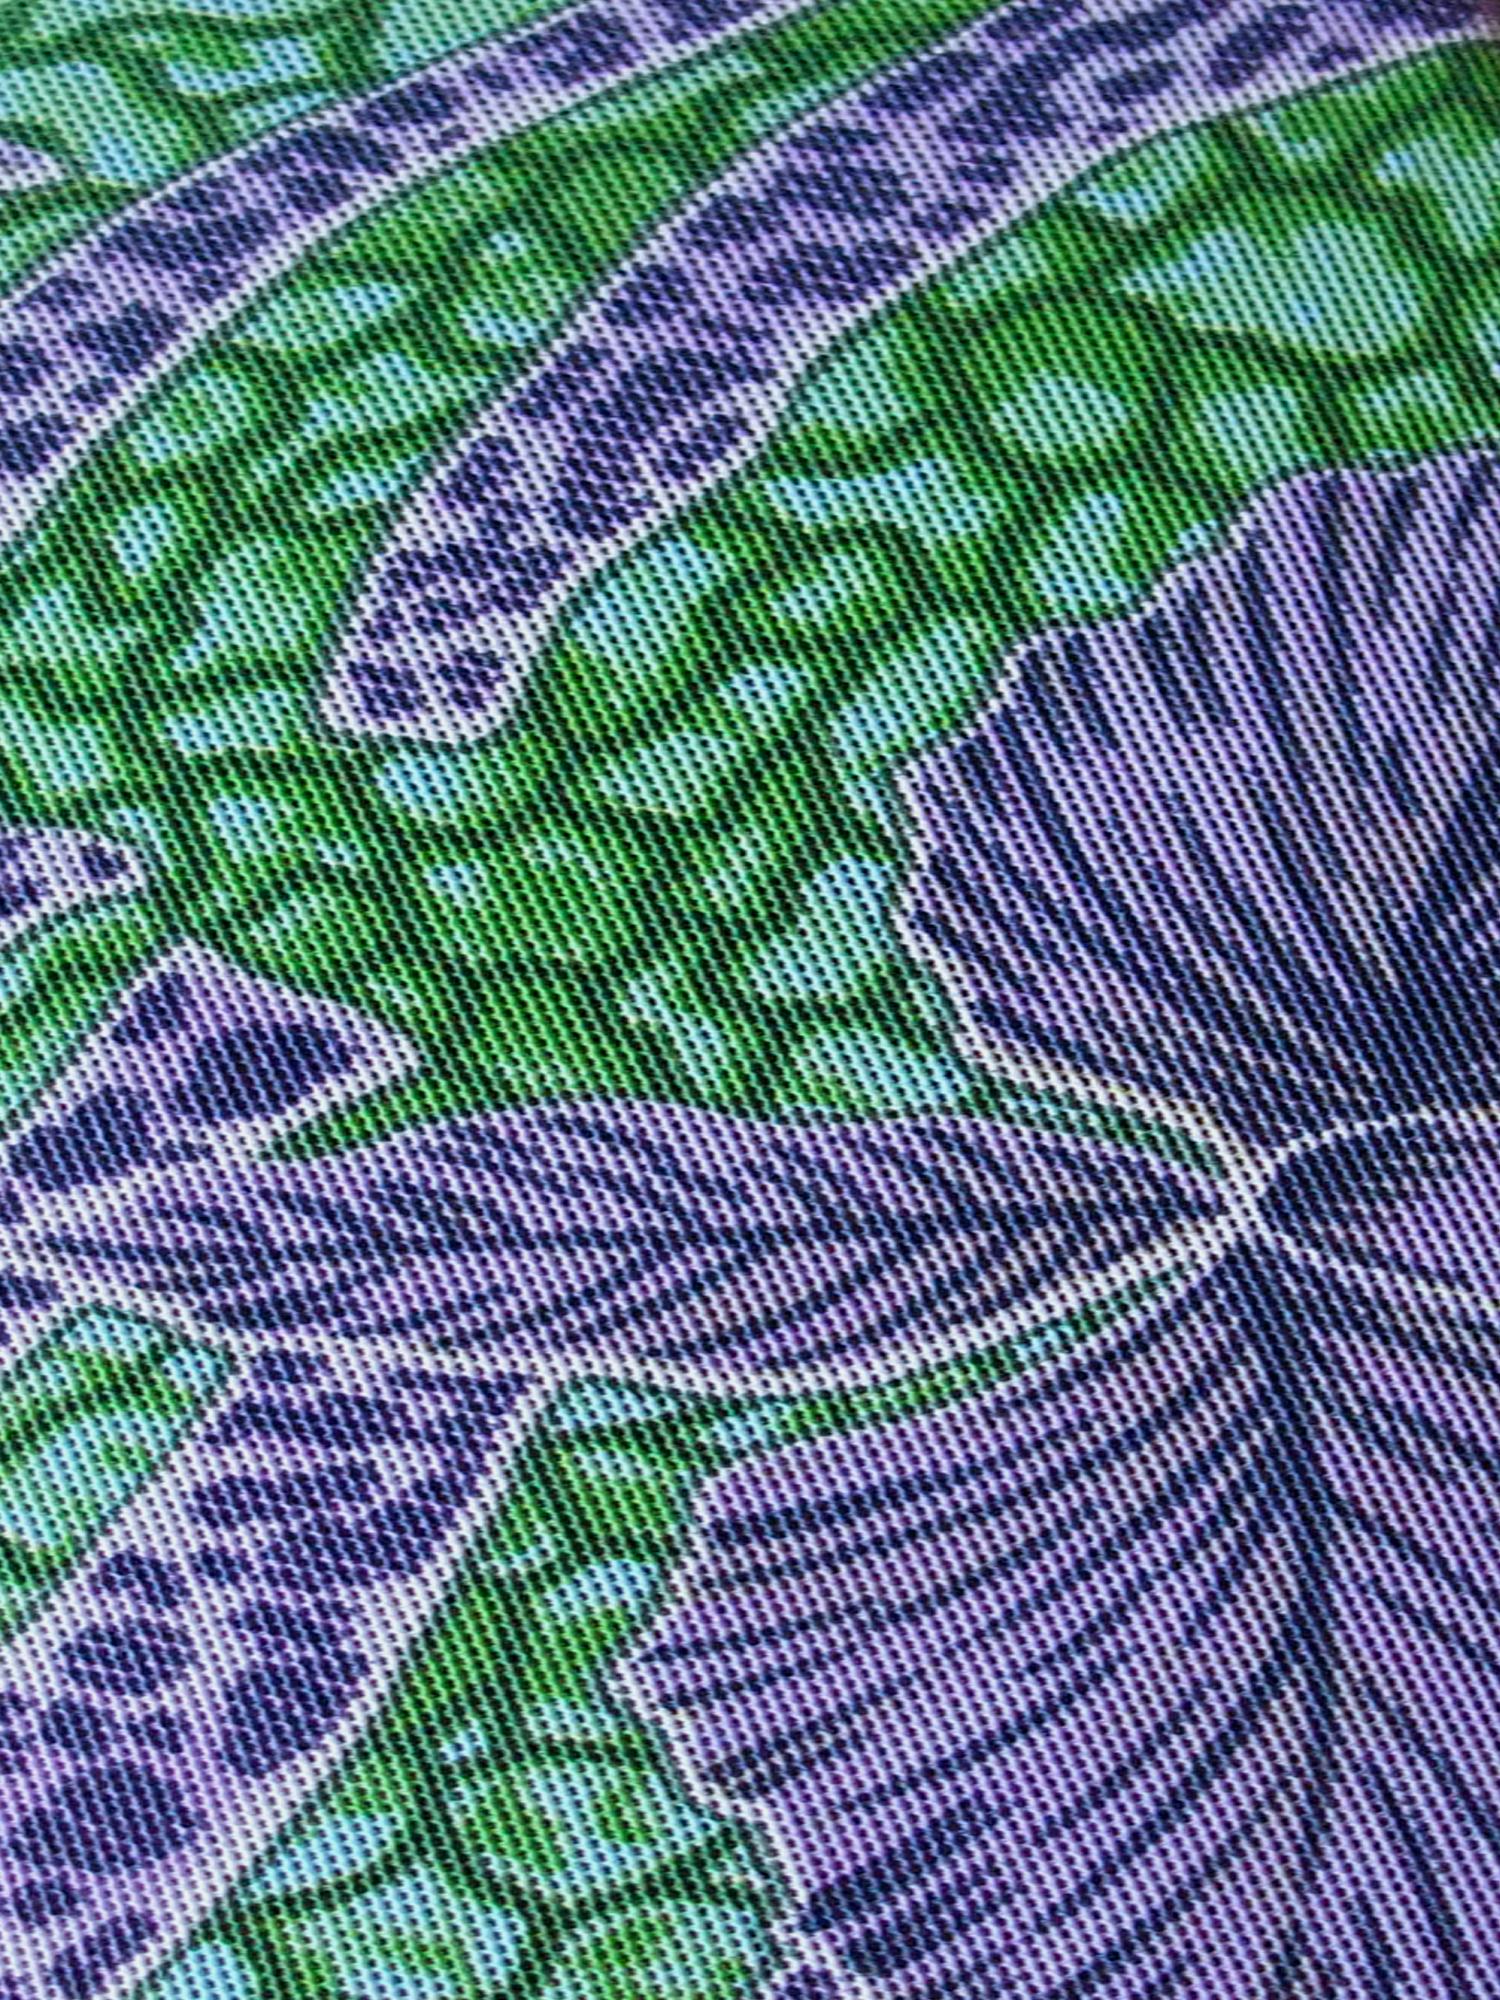 4c68ae052a656d ... Vorschau: Bügel-Badeanzug durchbäunend B-Cup oder C-Cup Blüten in grün